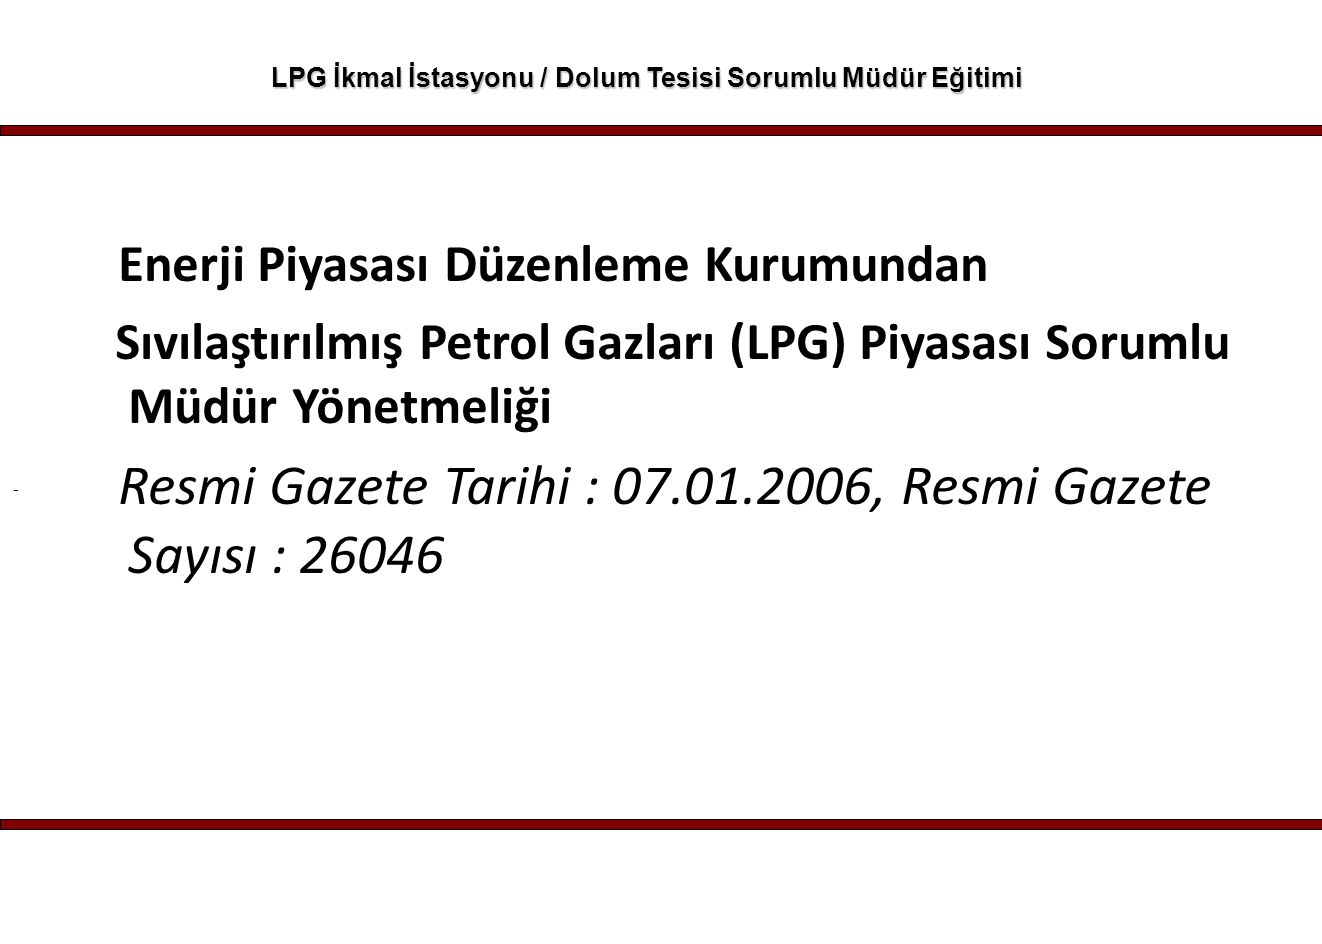 - LPG İkmal İstasyonu / Dolum Tesisi Sorumlu Müdür Eğitimi Kapsam LPG Otogaz İstasyonu veya Dolum Tesisinde sorumlu müdür olarak çalışan Oda üyelerinin, TMMOB Petrol Mühendisleri Odası tarafından belgelendirilmesi koşullarını ve esaslarını belirler.